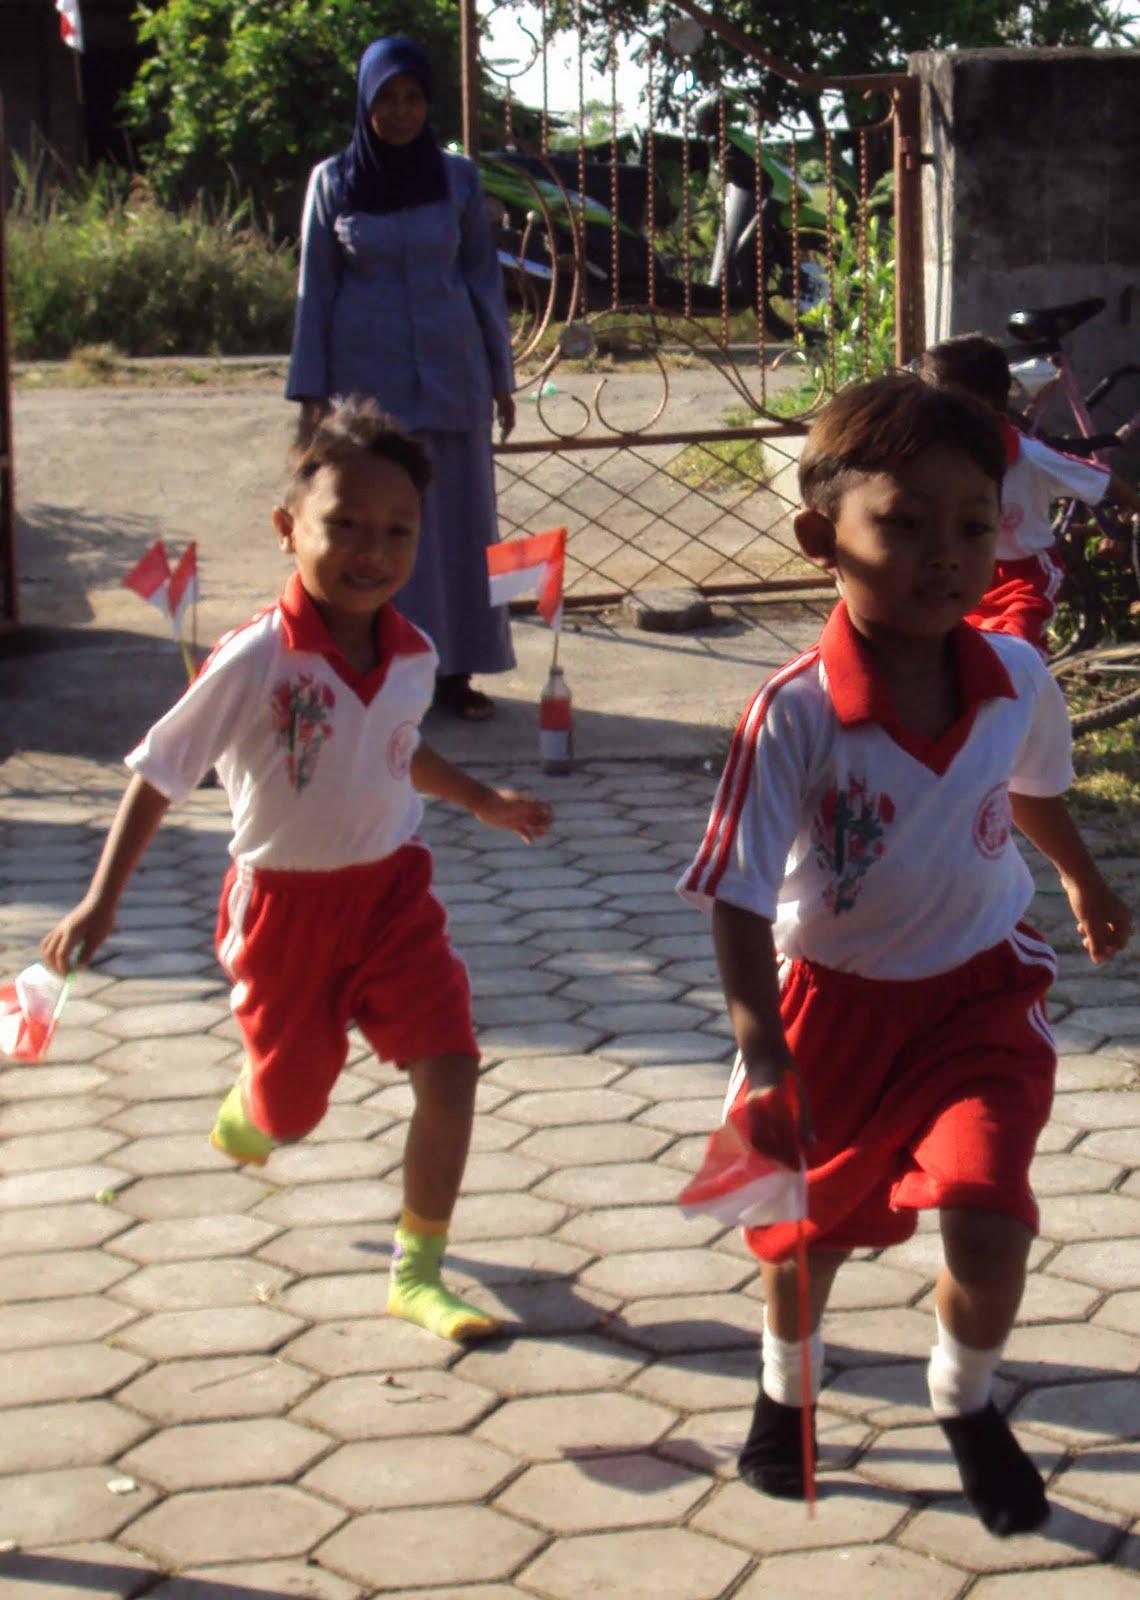 Lomba yang diselenggarakan selama dua hari itu menampilkan lomba lari memindahkan bendera dan lomba mewarnai gambar